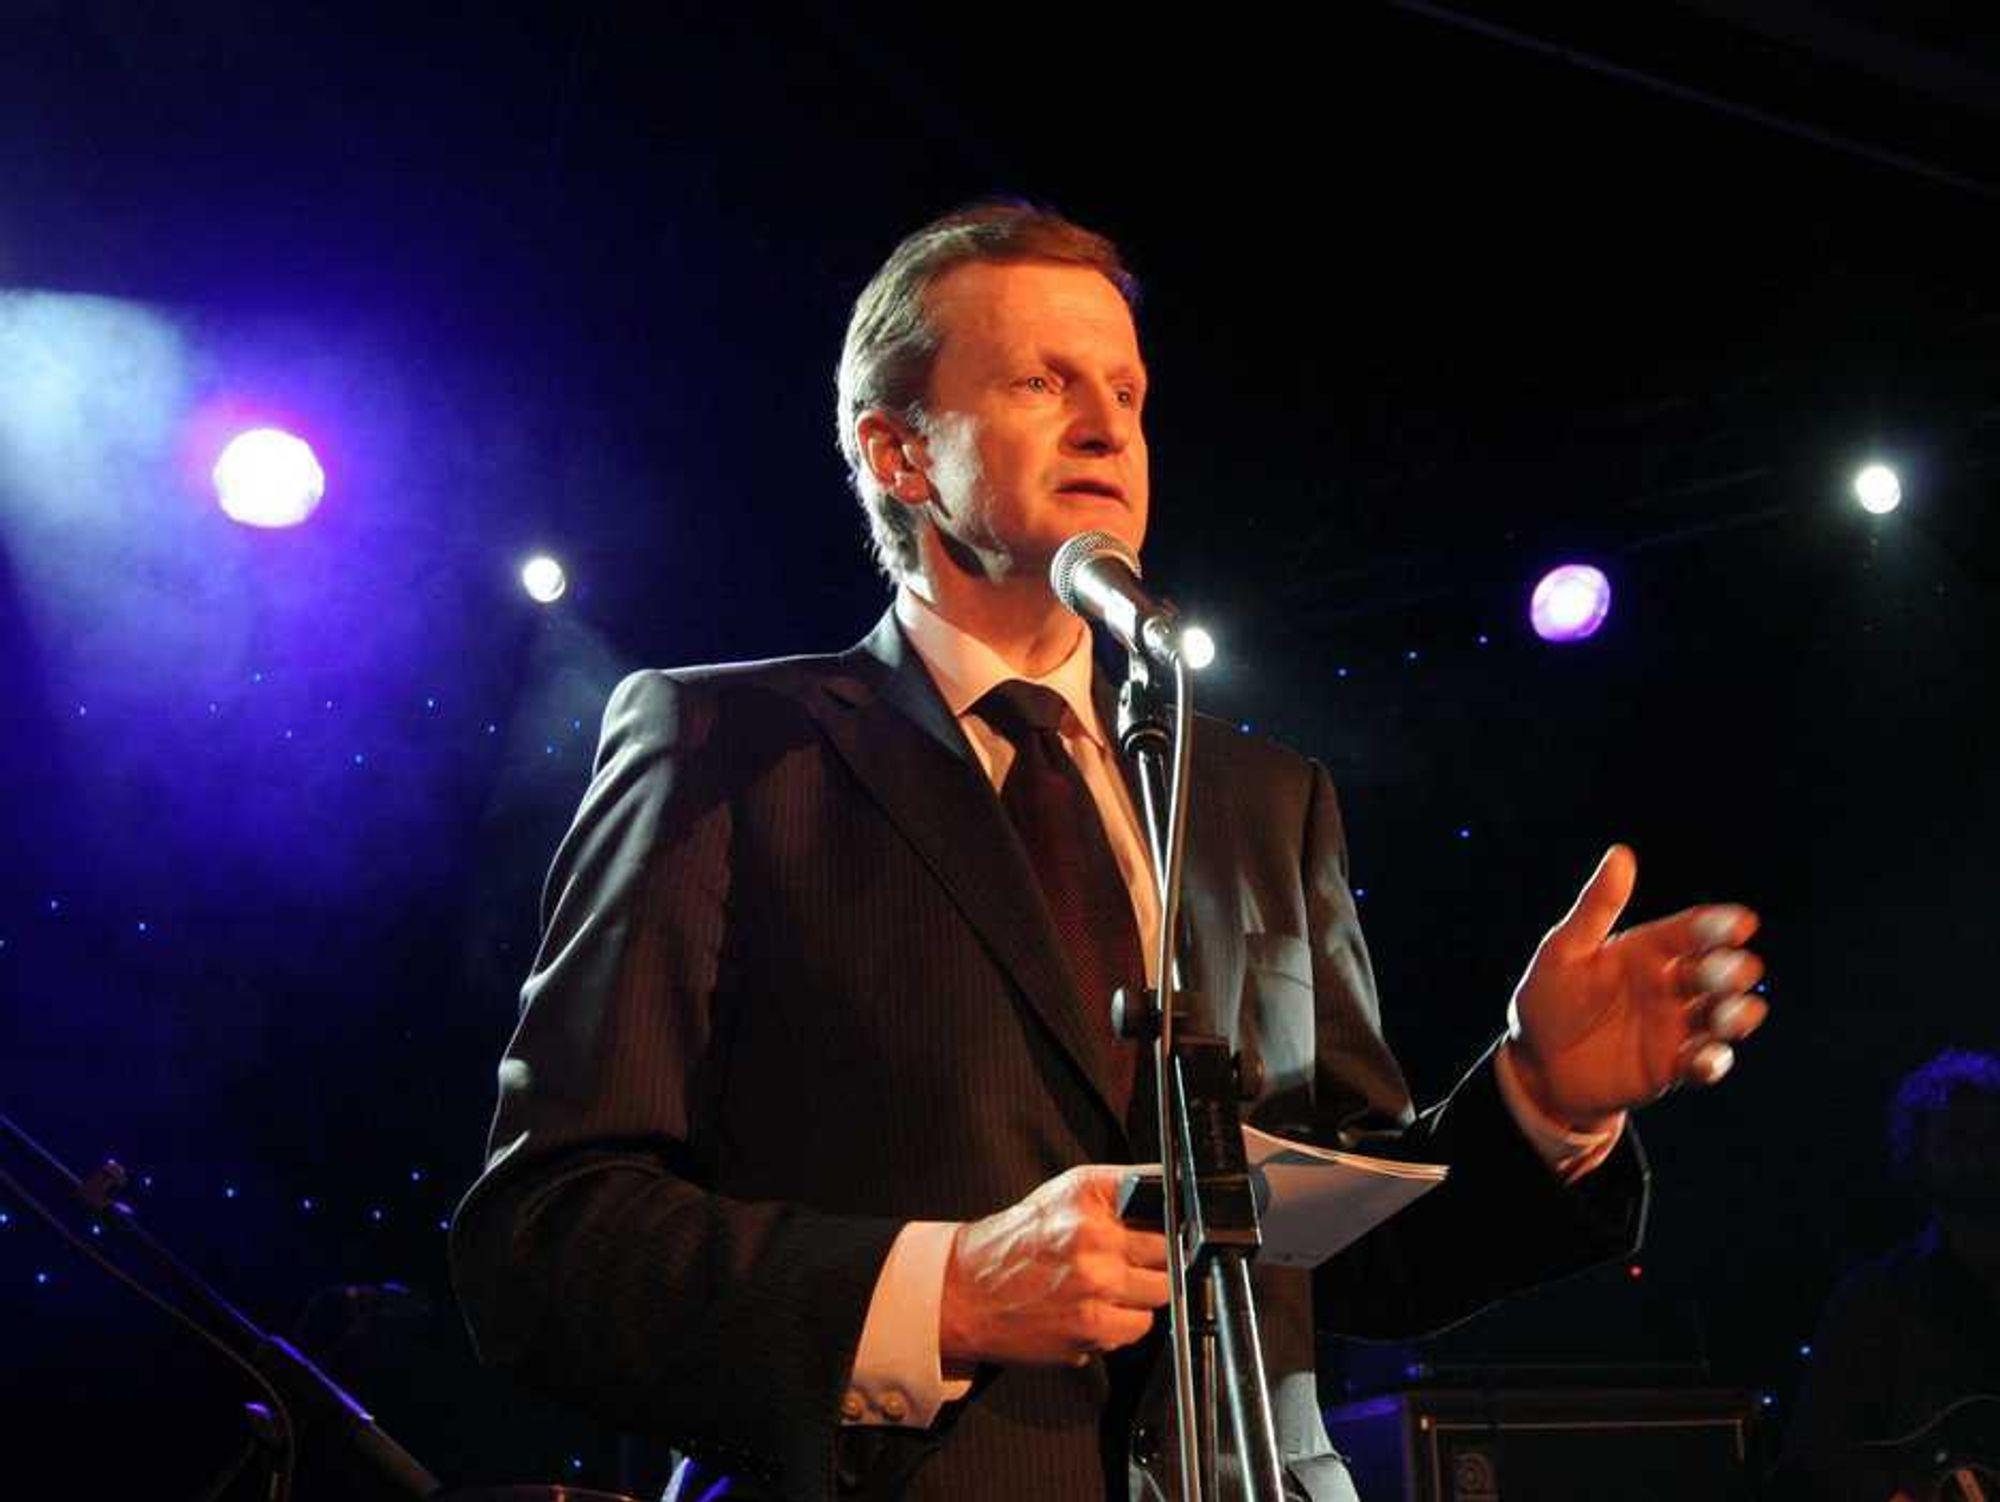 ÅPNET FESTEN: Konsernsjef Jon Fredrik Baksaas kom, sa noen ord og gikk for å rekke et fly hjem til Norge. Han kunne likevel feire at Telenor er blitt verdens sjette største mobiloperatør. Imponerende!